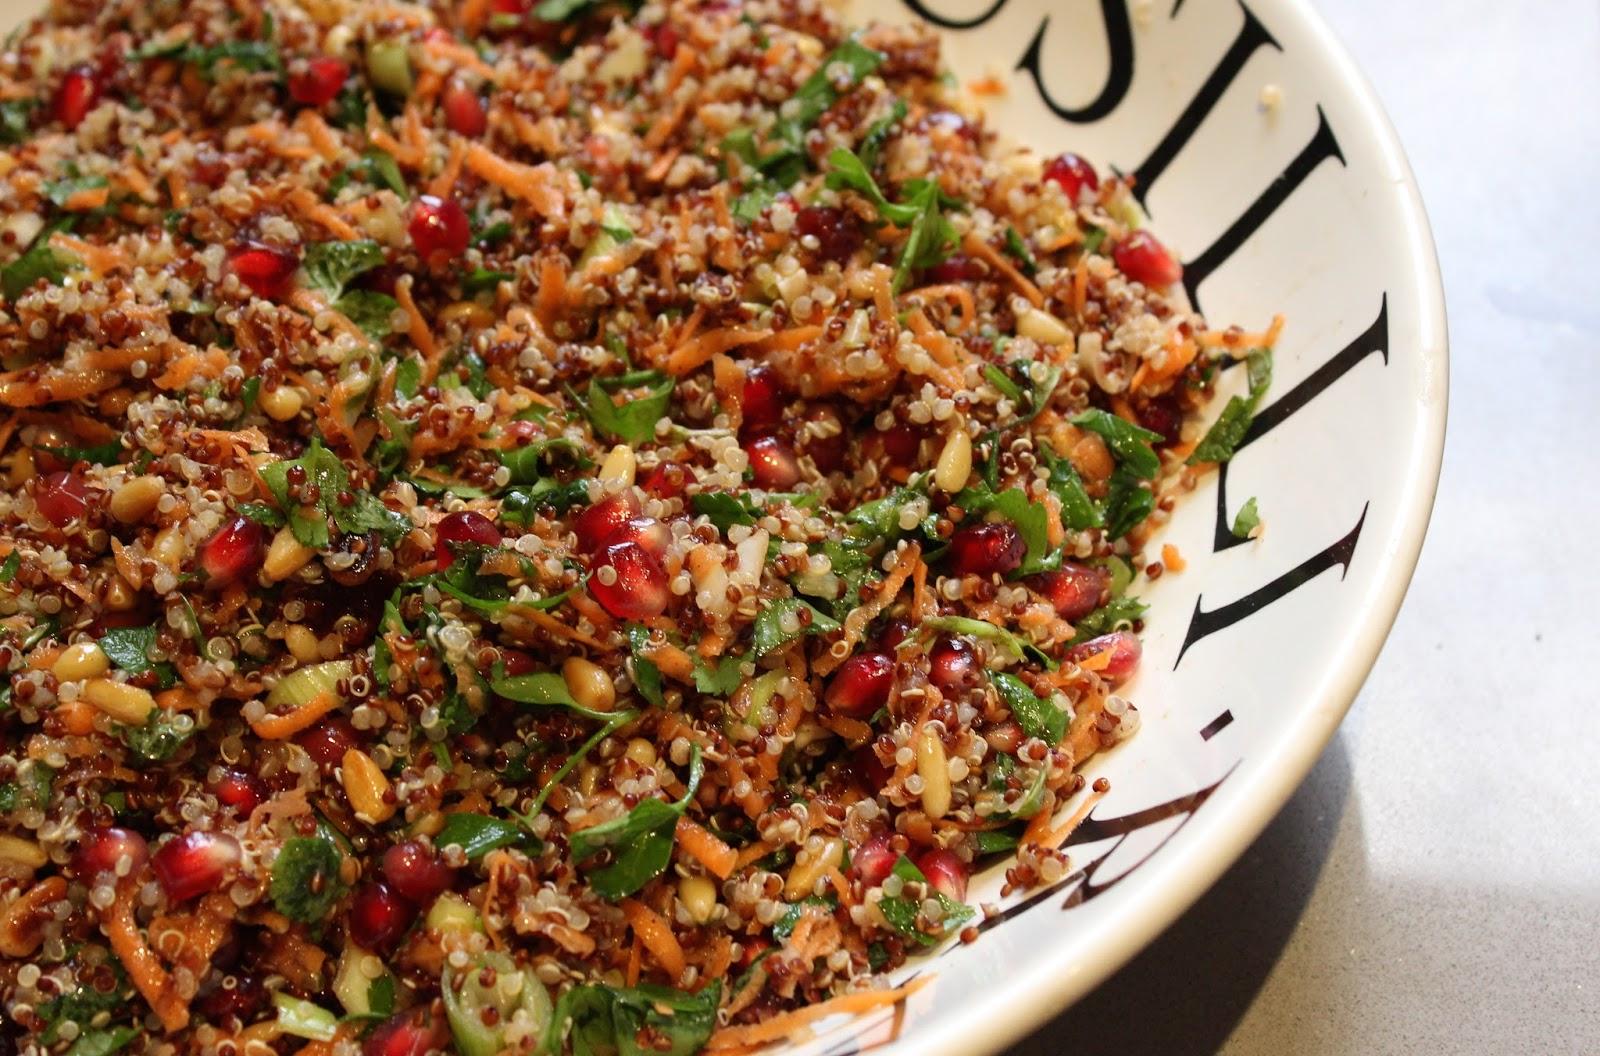 Quinoa Tabouli for Meal Prep https://cleanfoodcrush.com/quinoa-tabouli